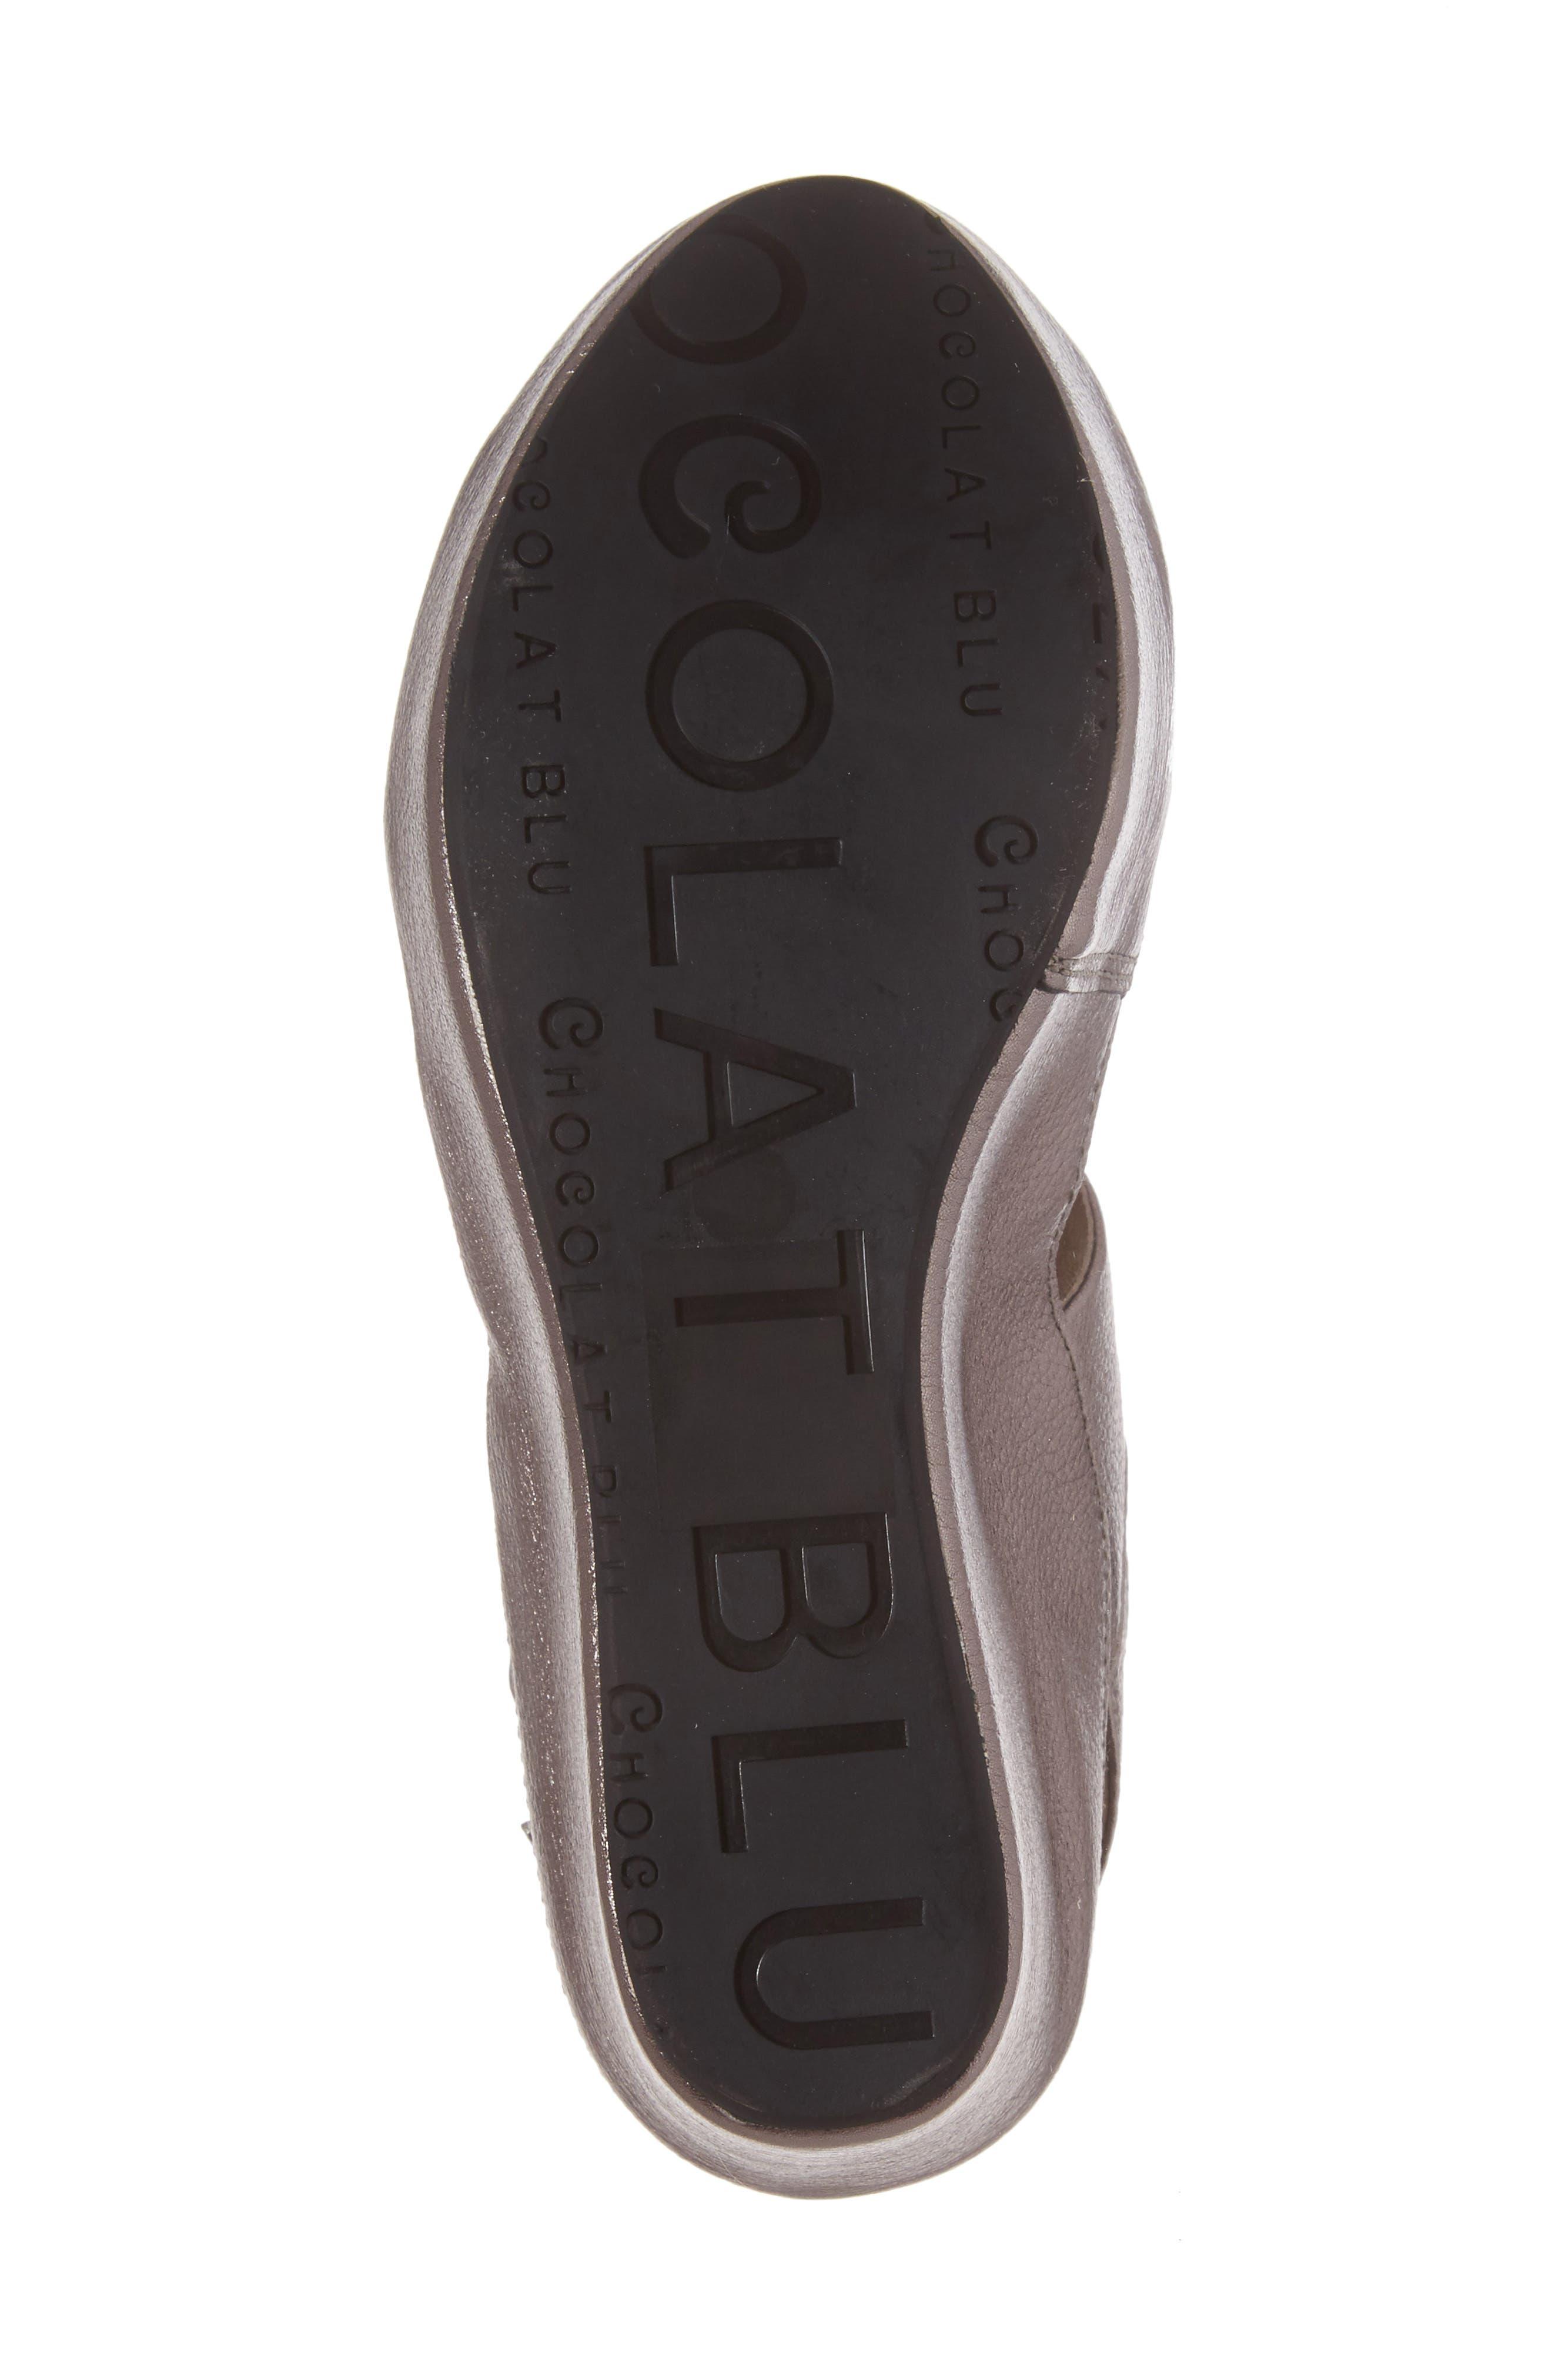 Windsor Platform Wedge Sandal,                             Alternate thumbnail 6, color,                             GUNMETAL LEATHER